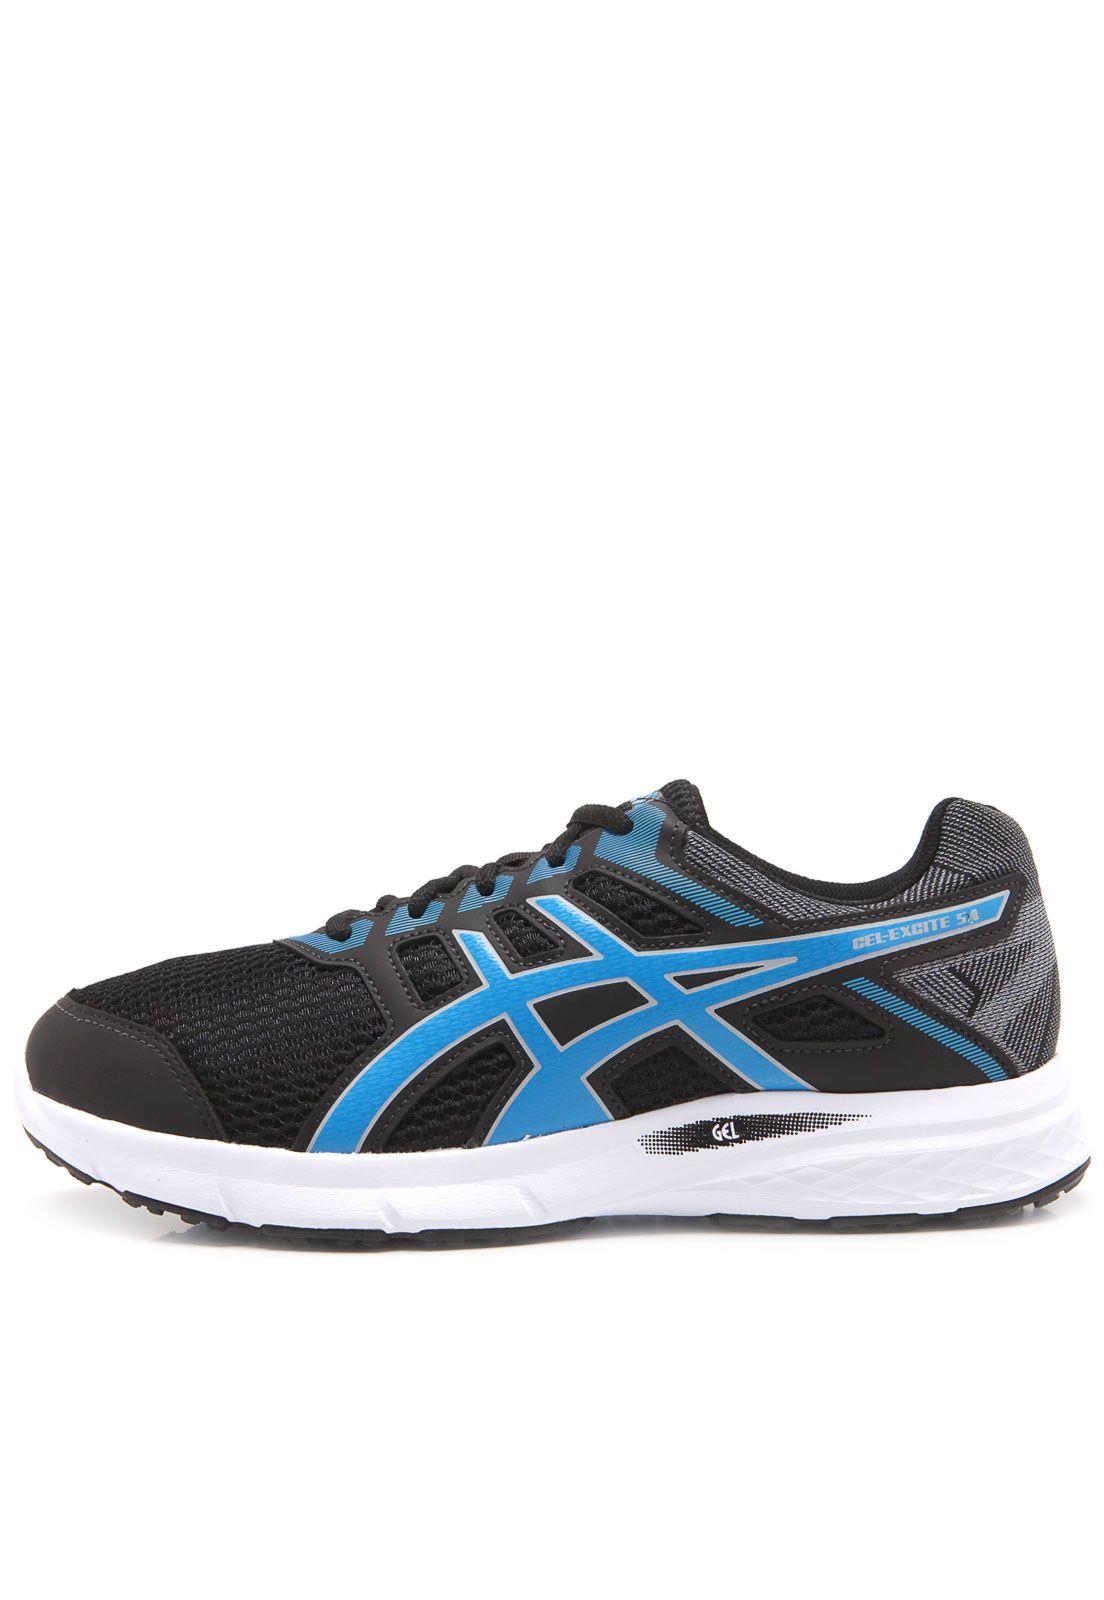 161c5634db4 Tênis Asics Gel-Excite 5 Preto e Azul - Original - Titanes Esportes